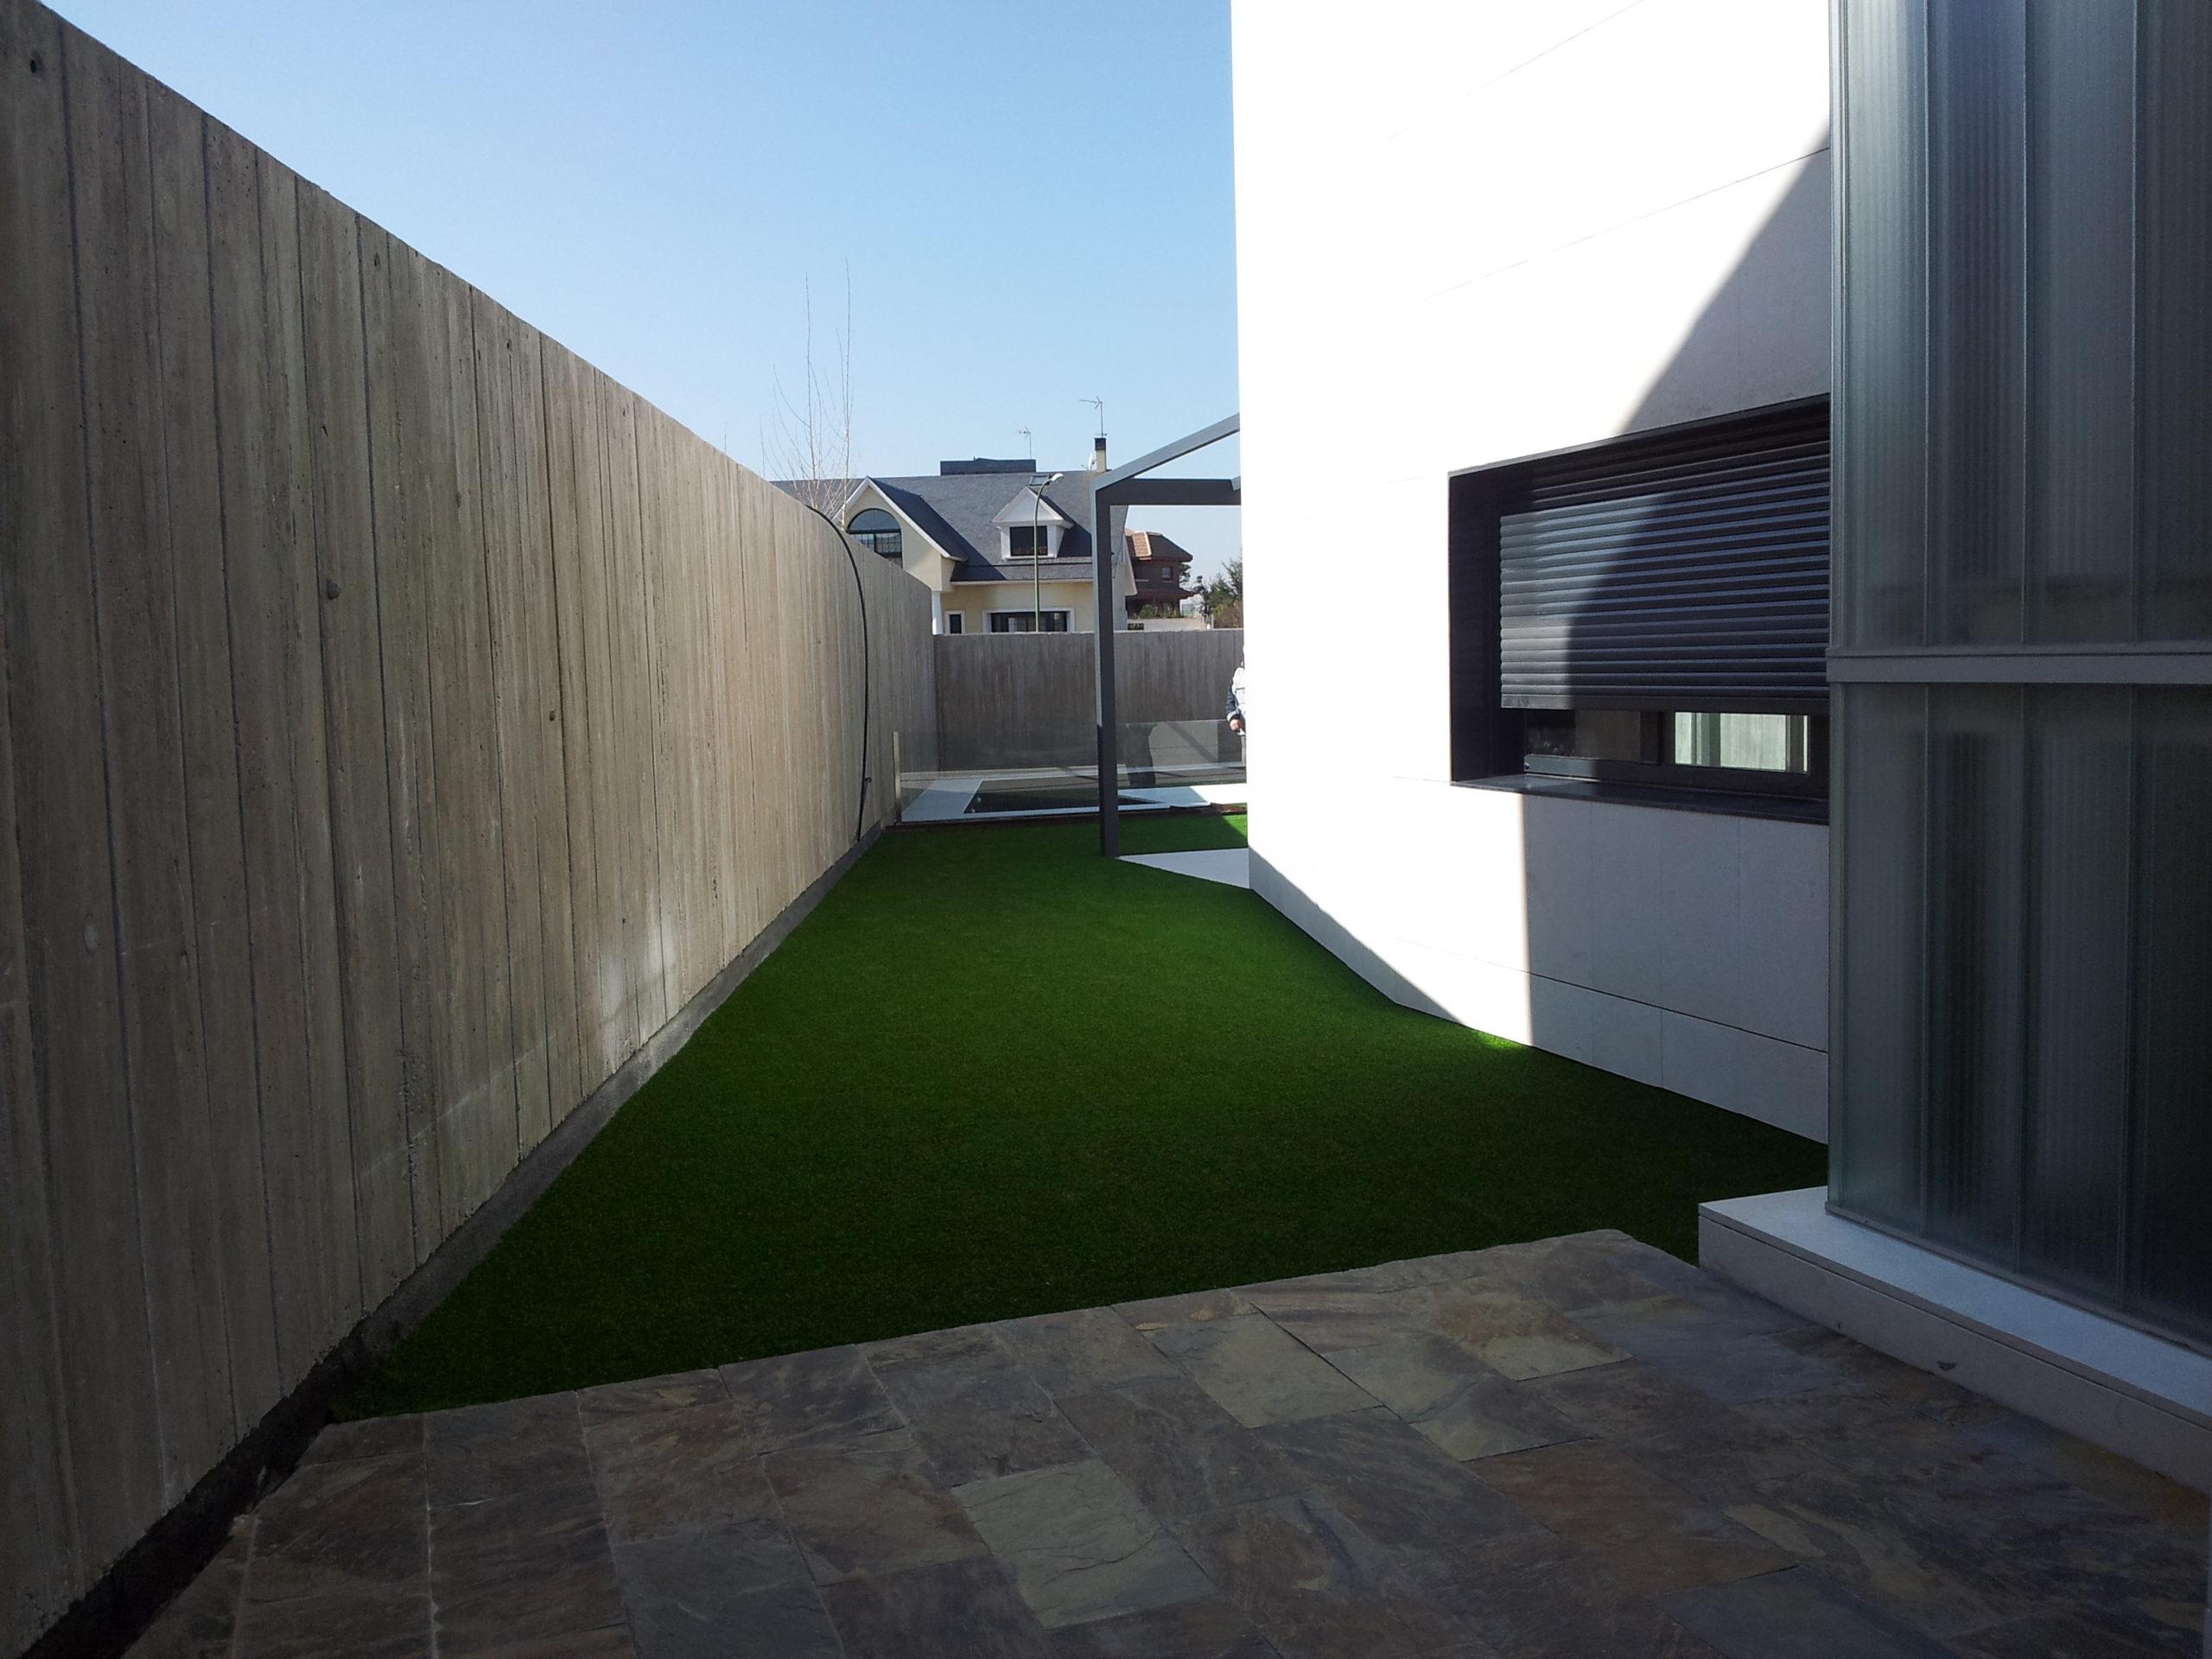 Proyecto de jardinería y césped artificial - Detalle de pasillo